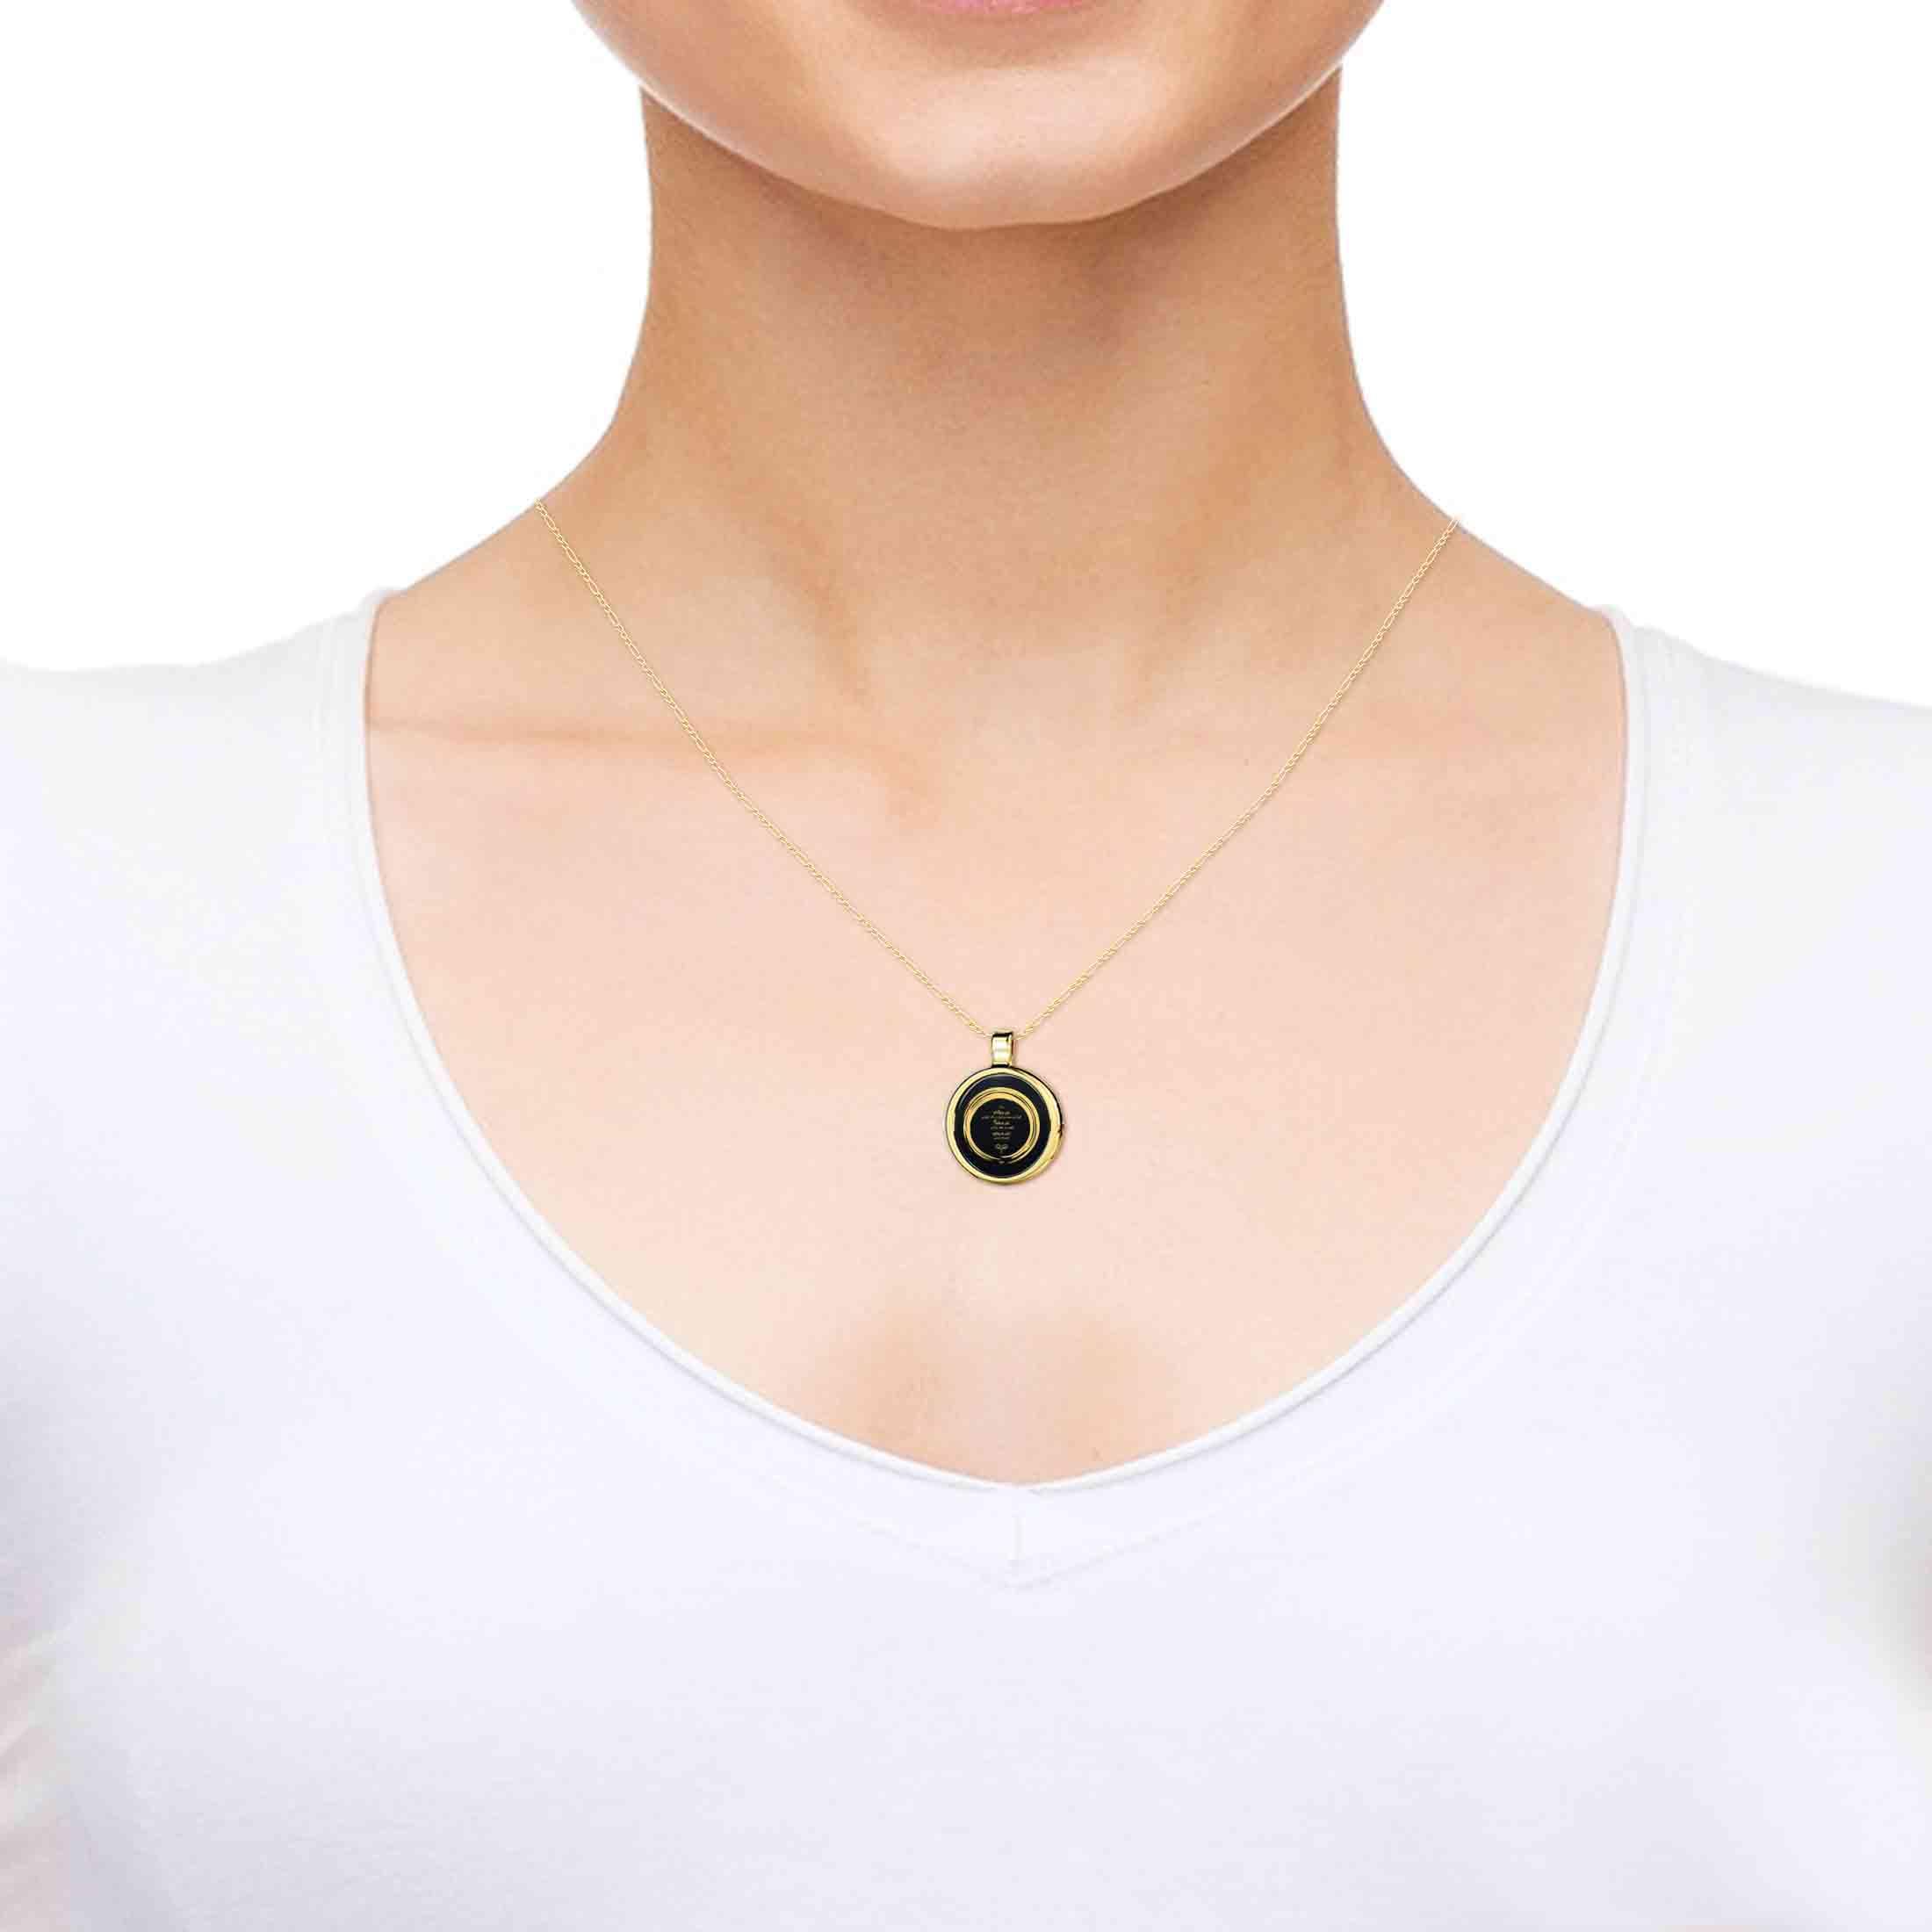 מתנה מקורית לגבר או לאישה - תכשיטים מיוחדים - שרשרת תפילת השלווה - תכשיטי נאנו